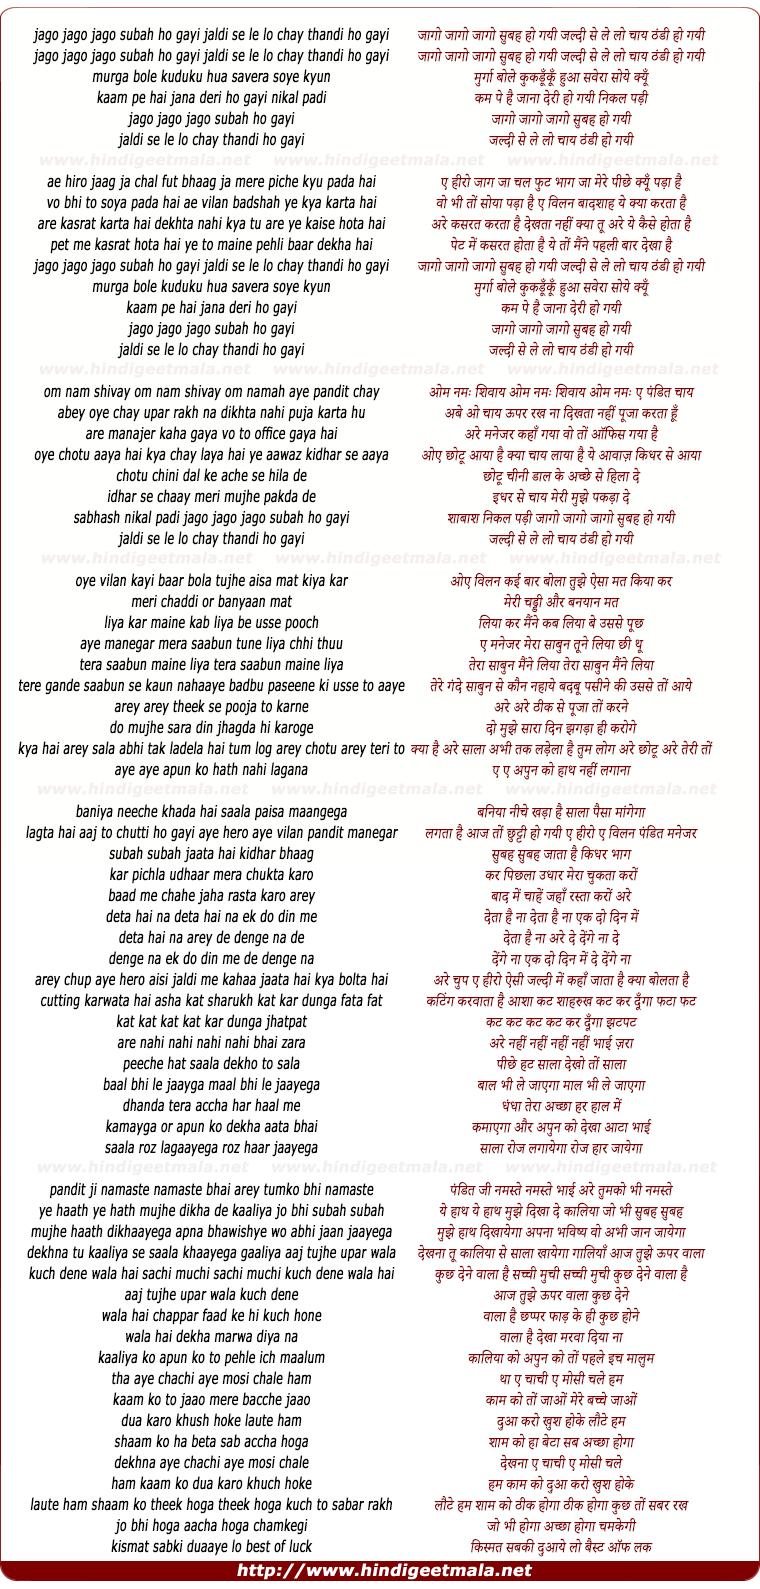 lyrics of song Jago Jago Subah Ho Gayi